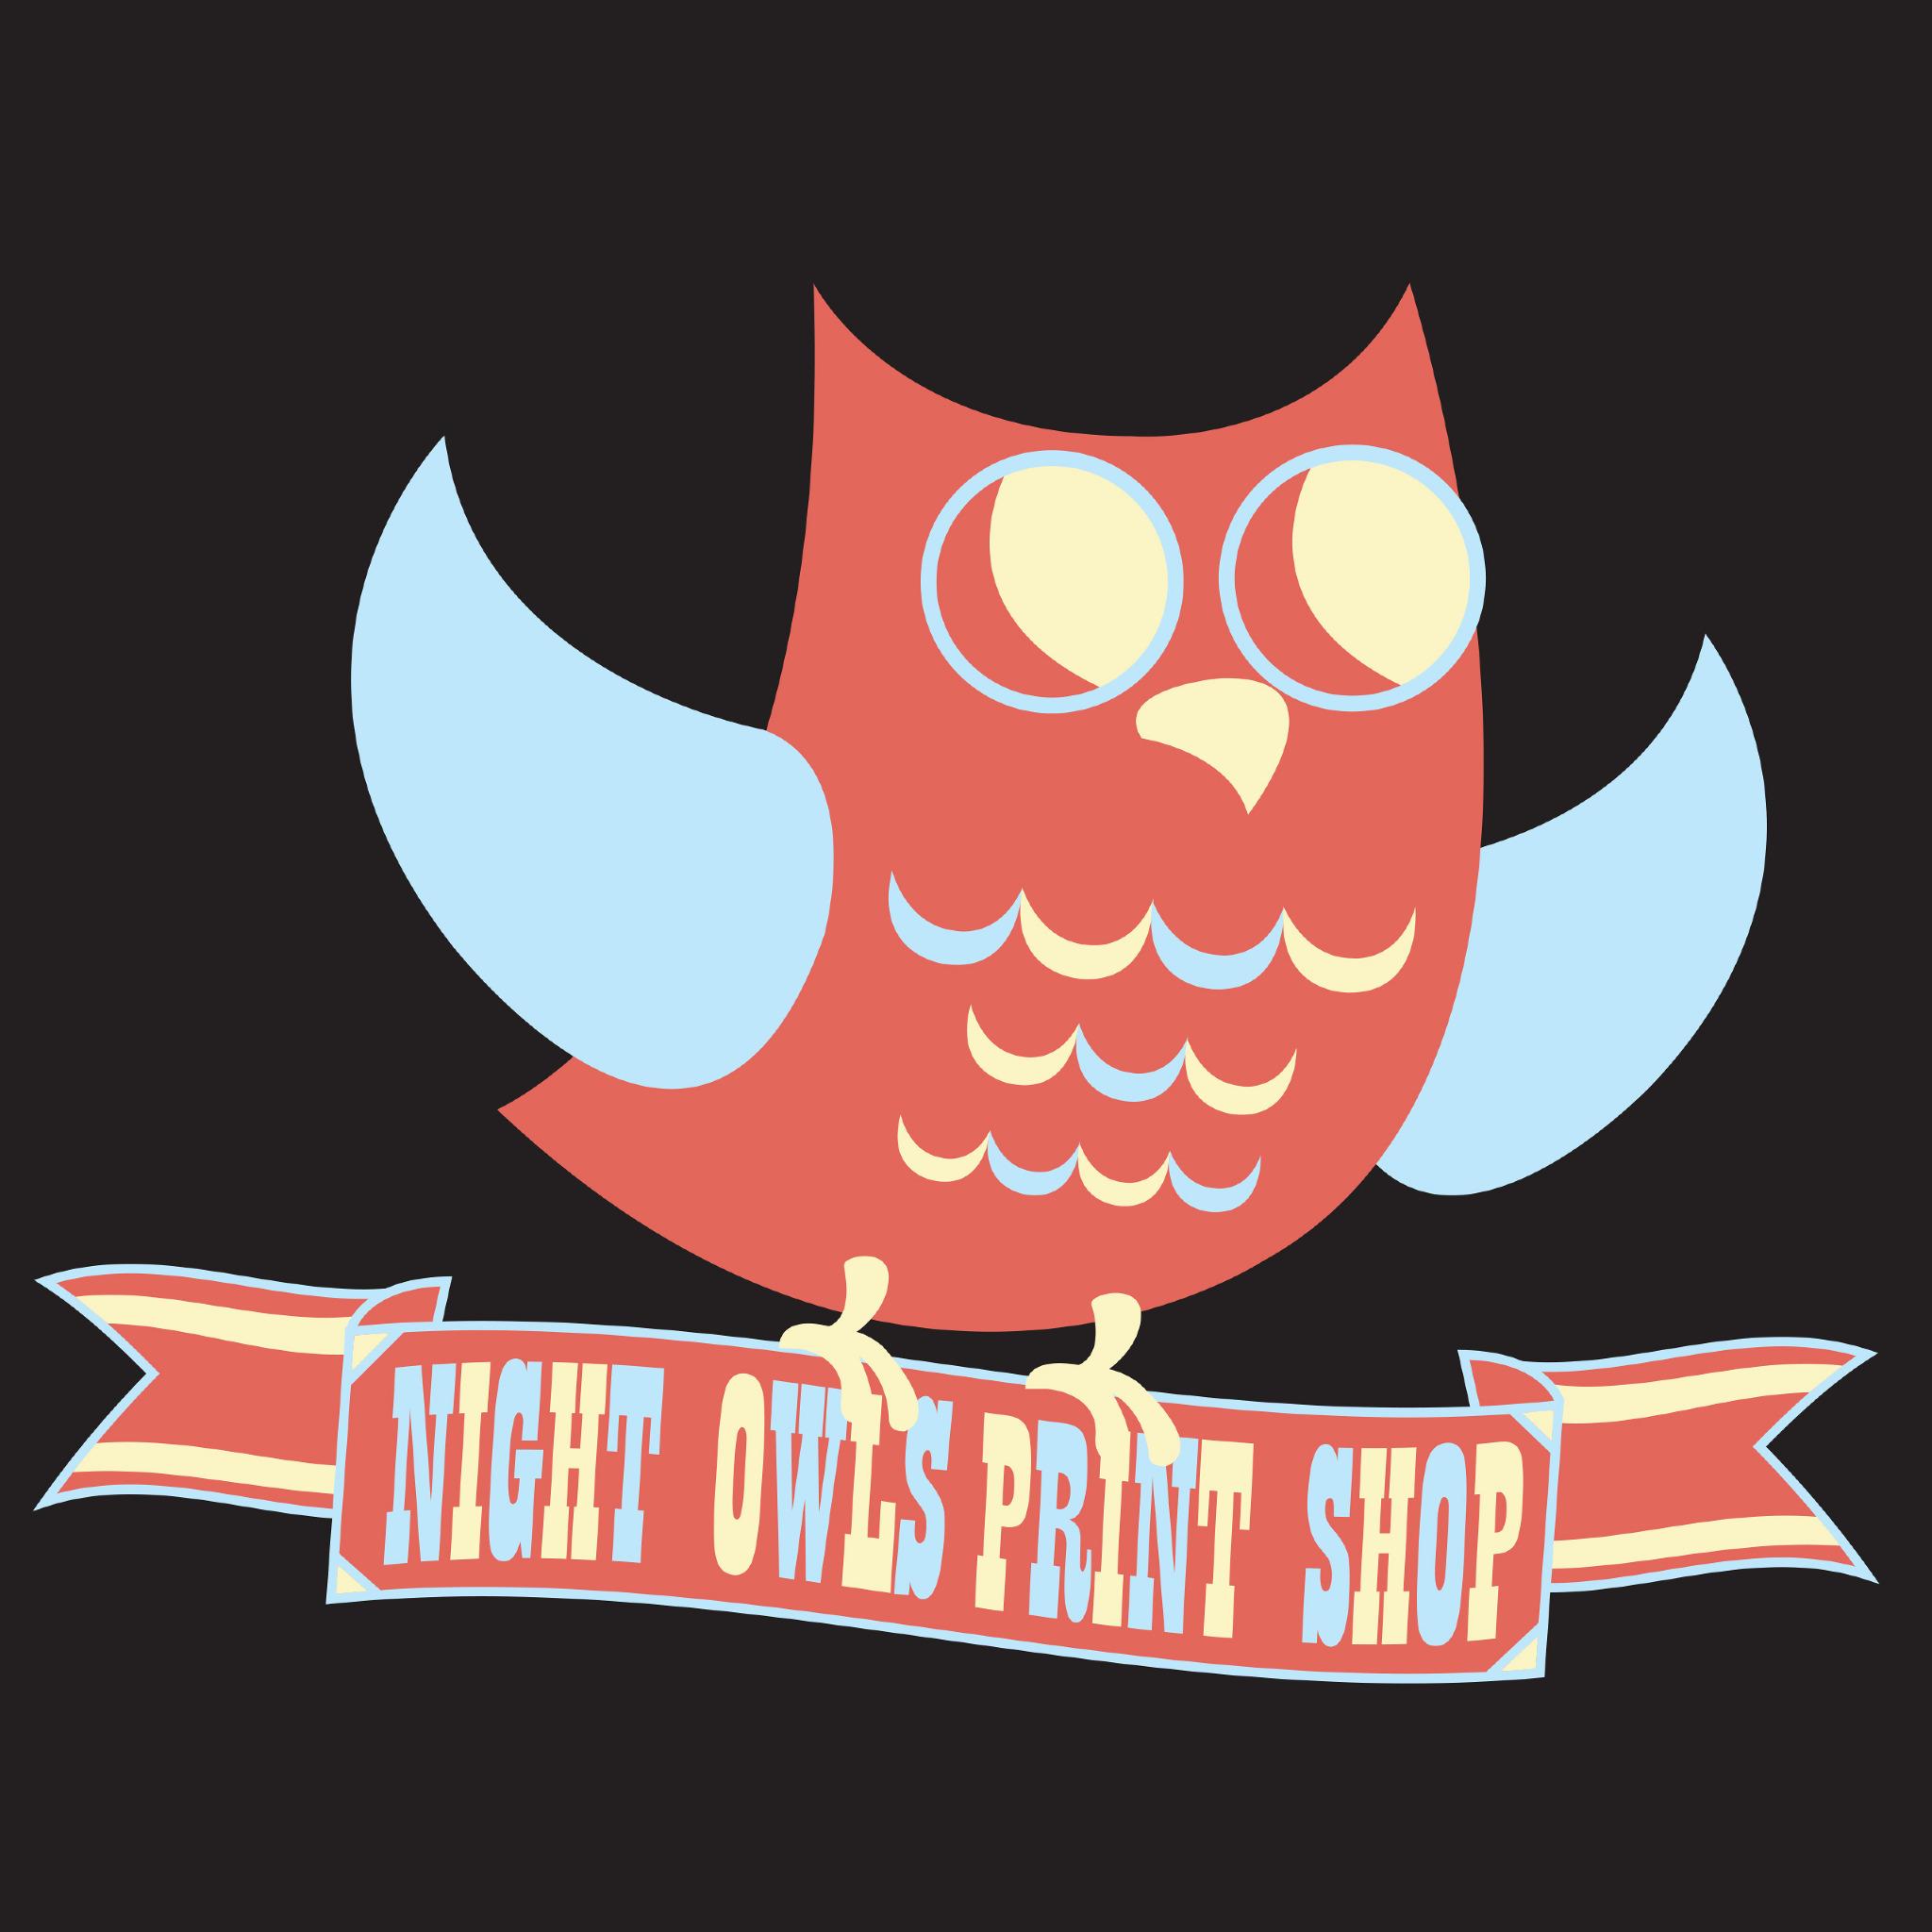 night_owls_ideas_2-2_o.jpg